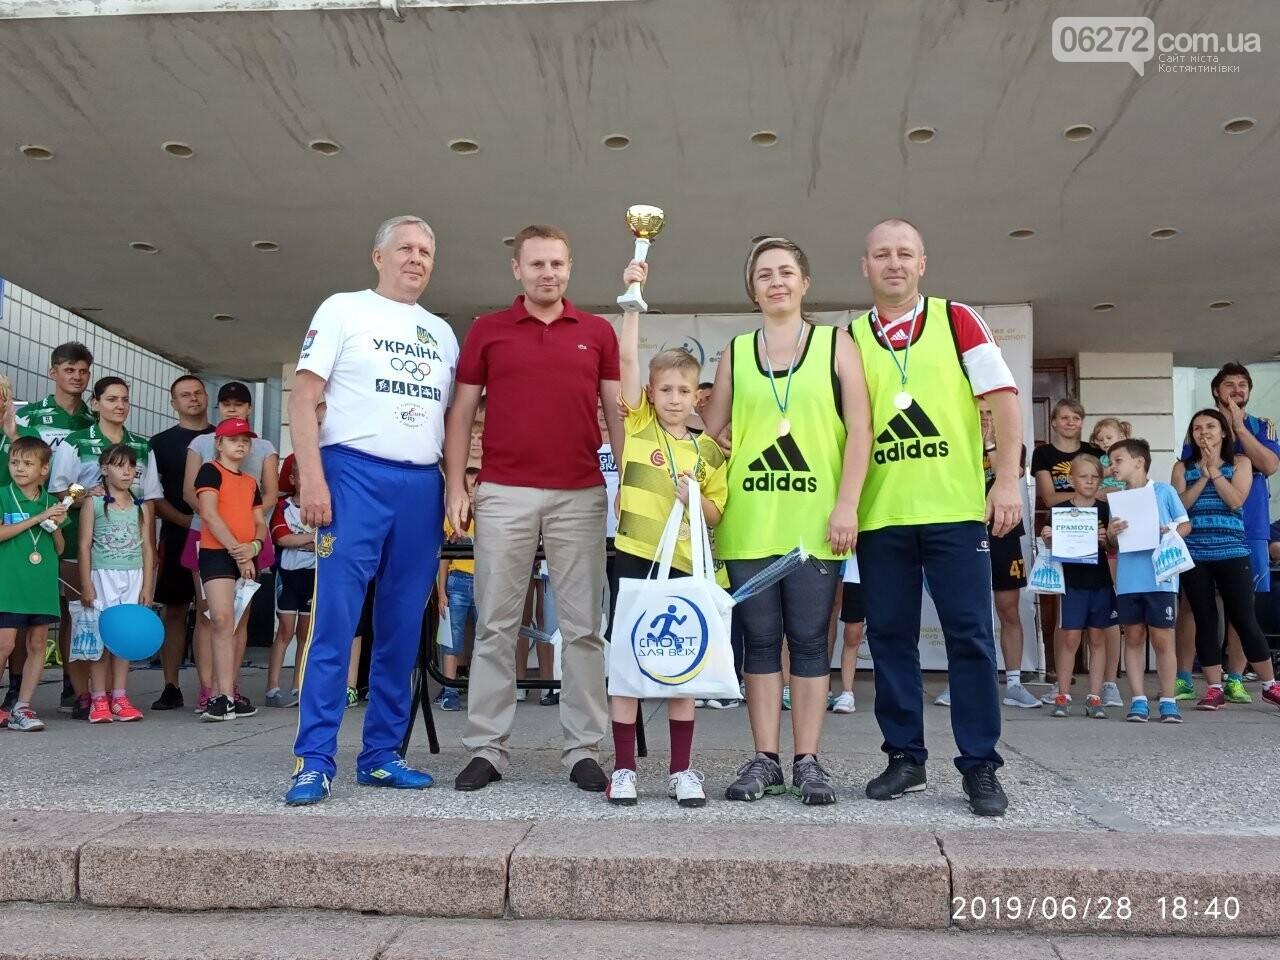 Сім'я із Костянтинівки стала найспортивнішою в Донецькій області, фото-14